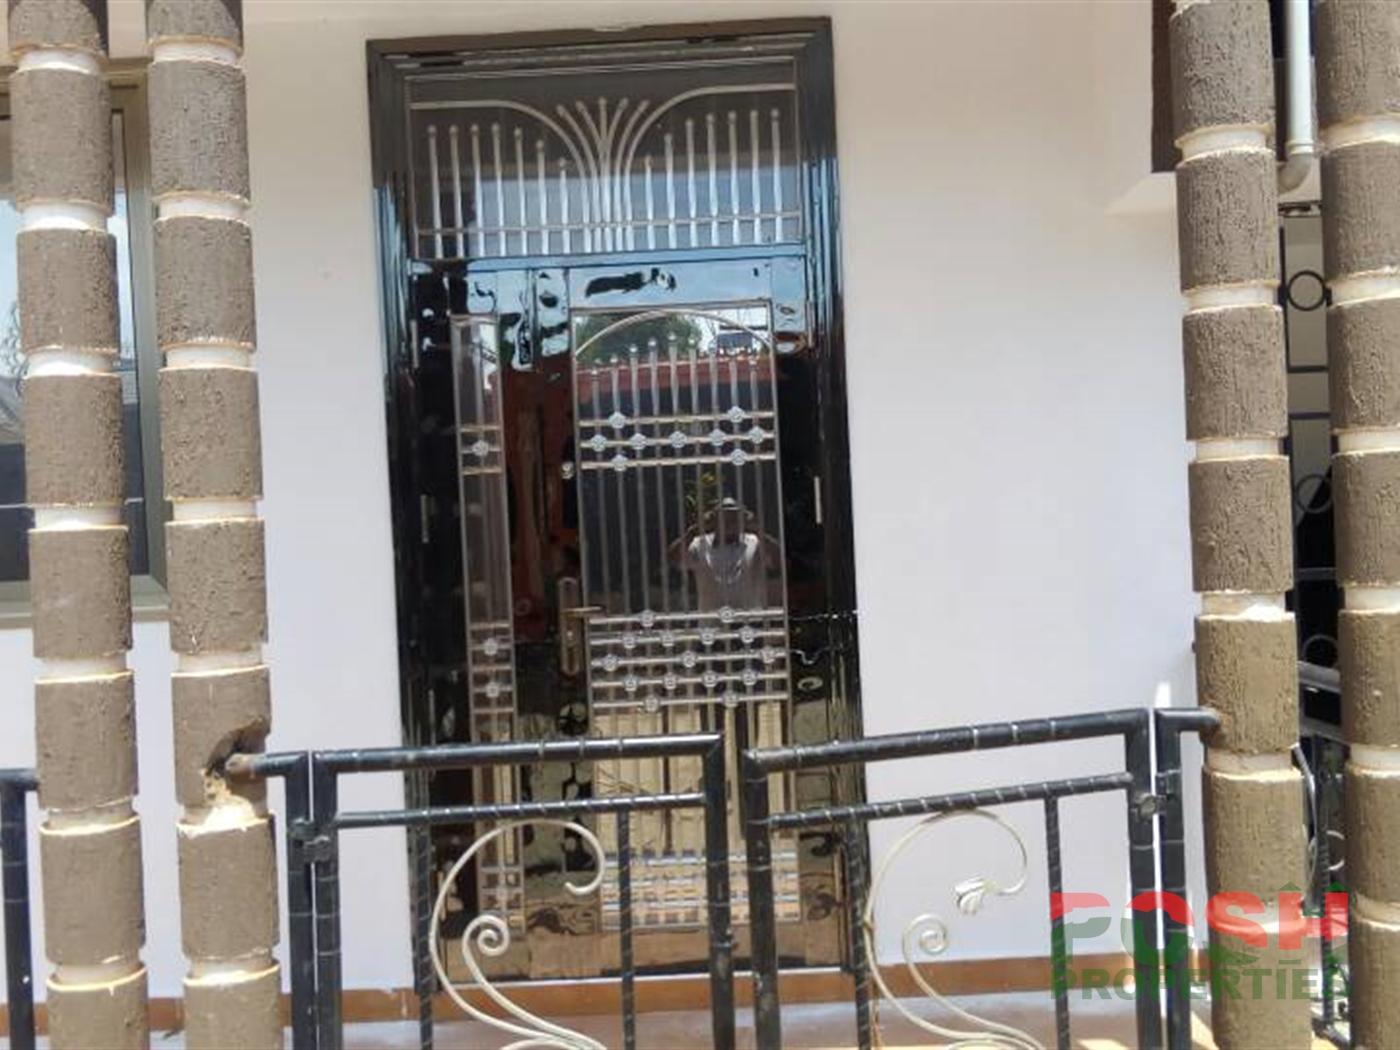 Apartment block for sale in Najjanankumbi Wakiso